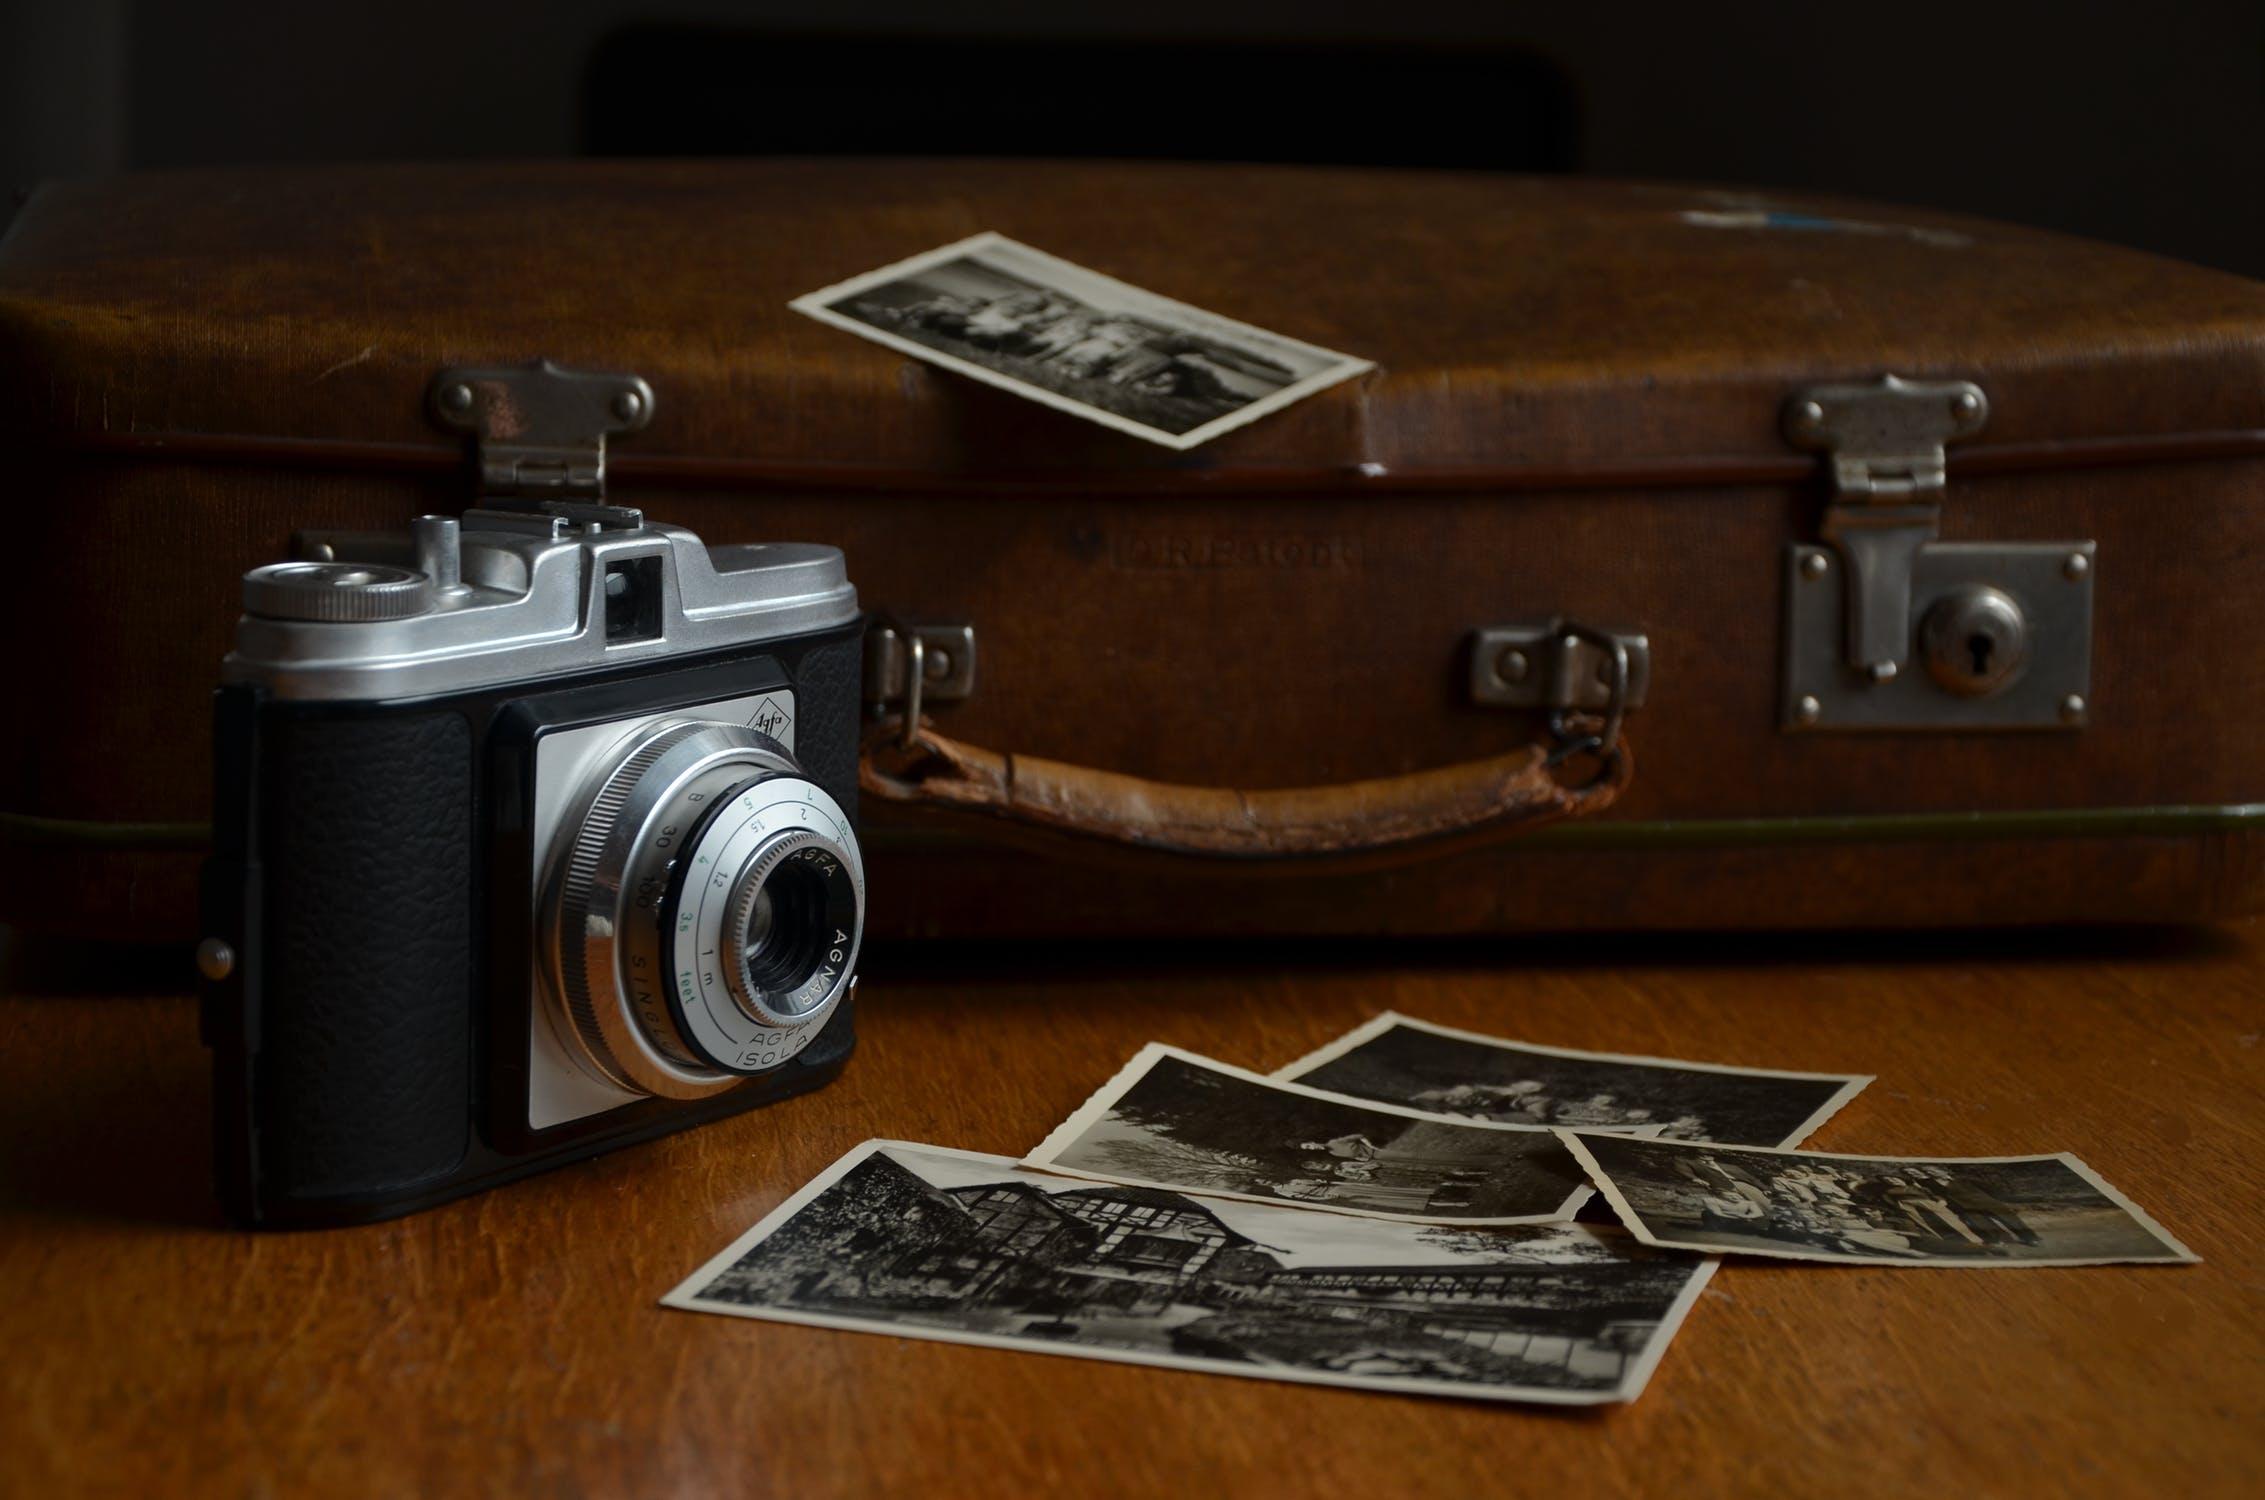 camera-photos-photograph-paper-prints-46794.jpeg